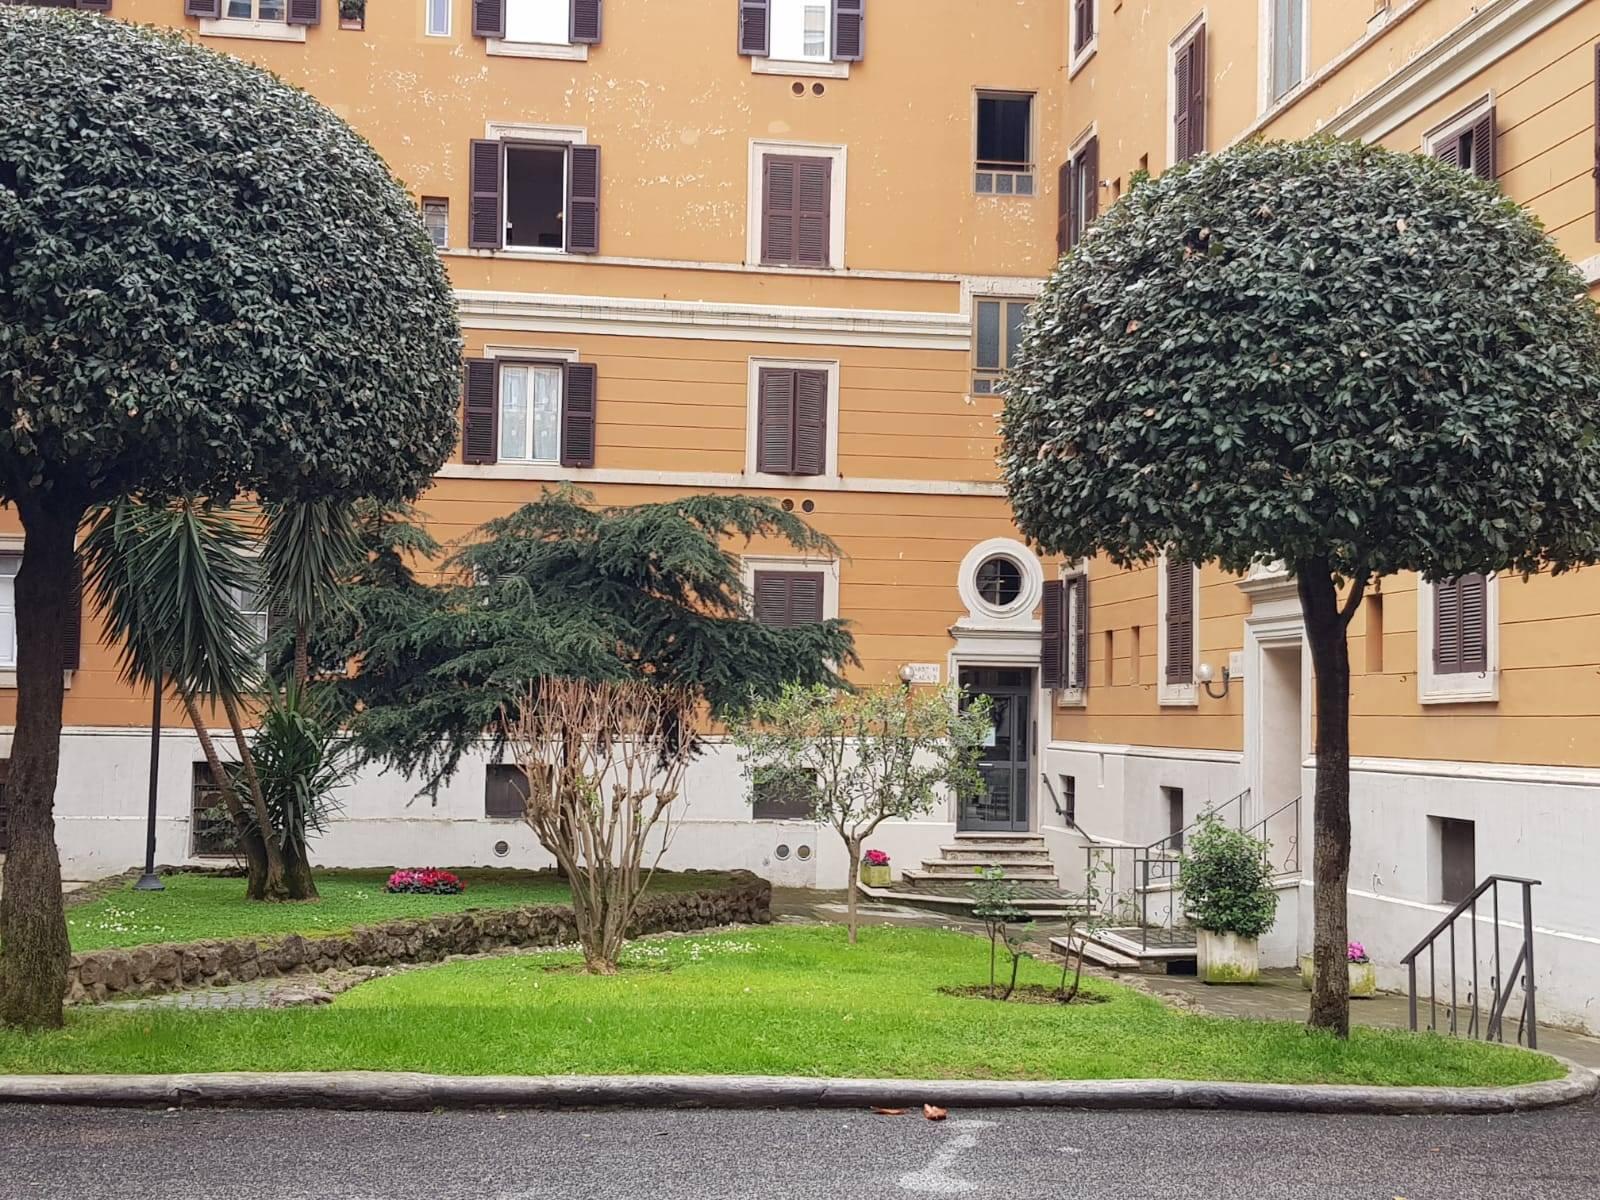 SAN GIOVANNI, ROMA, Appartamento in affitto di 60 Mq, Buone condizioni, Riscaldamento Centralizzato, Classe energetica: G, posto al piano 1° su 6, composto da: 3 Vani, Angolo cottura, Soggiorno